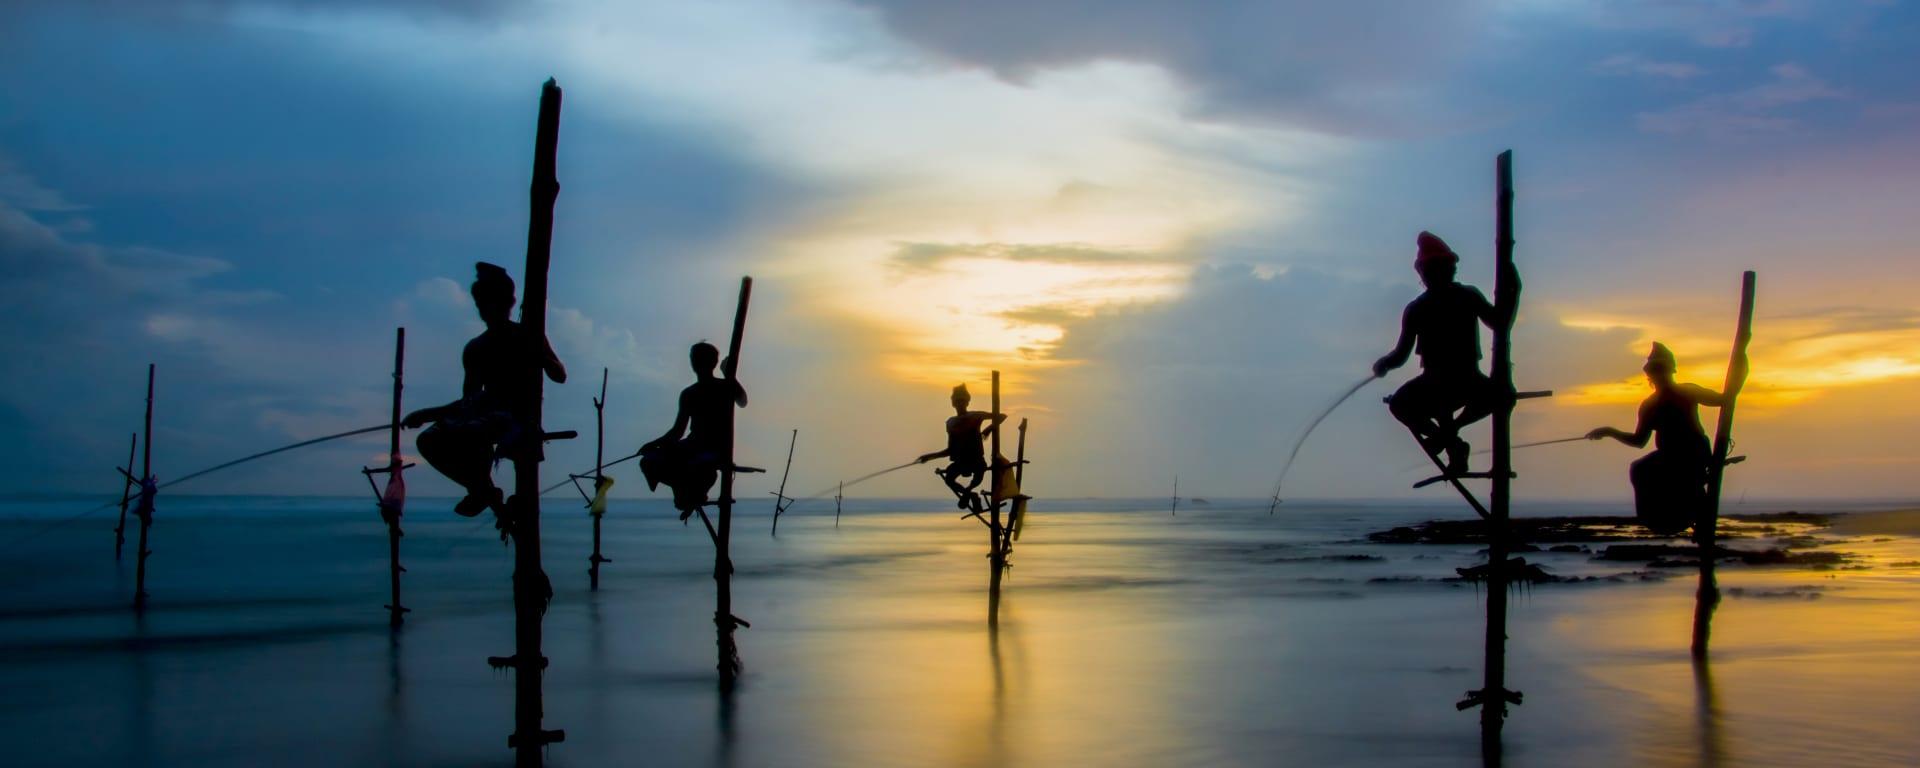 Sri Lanka entdecken mit Tischler Reisen: Sri Lanka Fischer Suedkueste